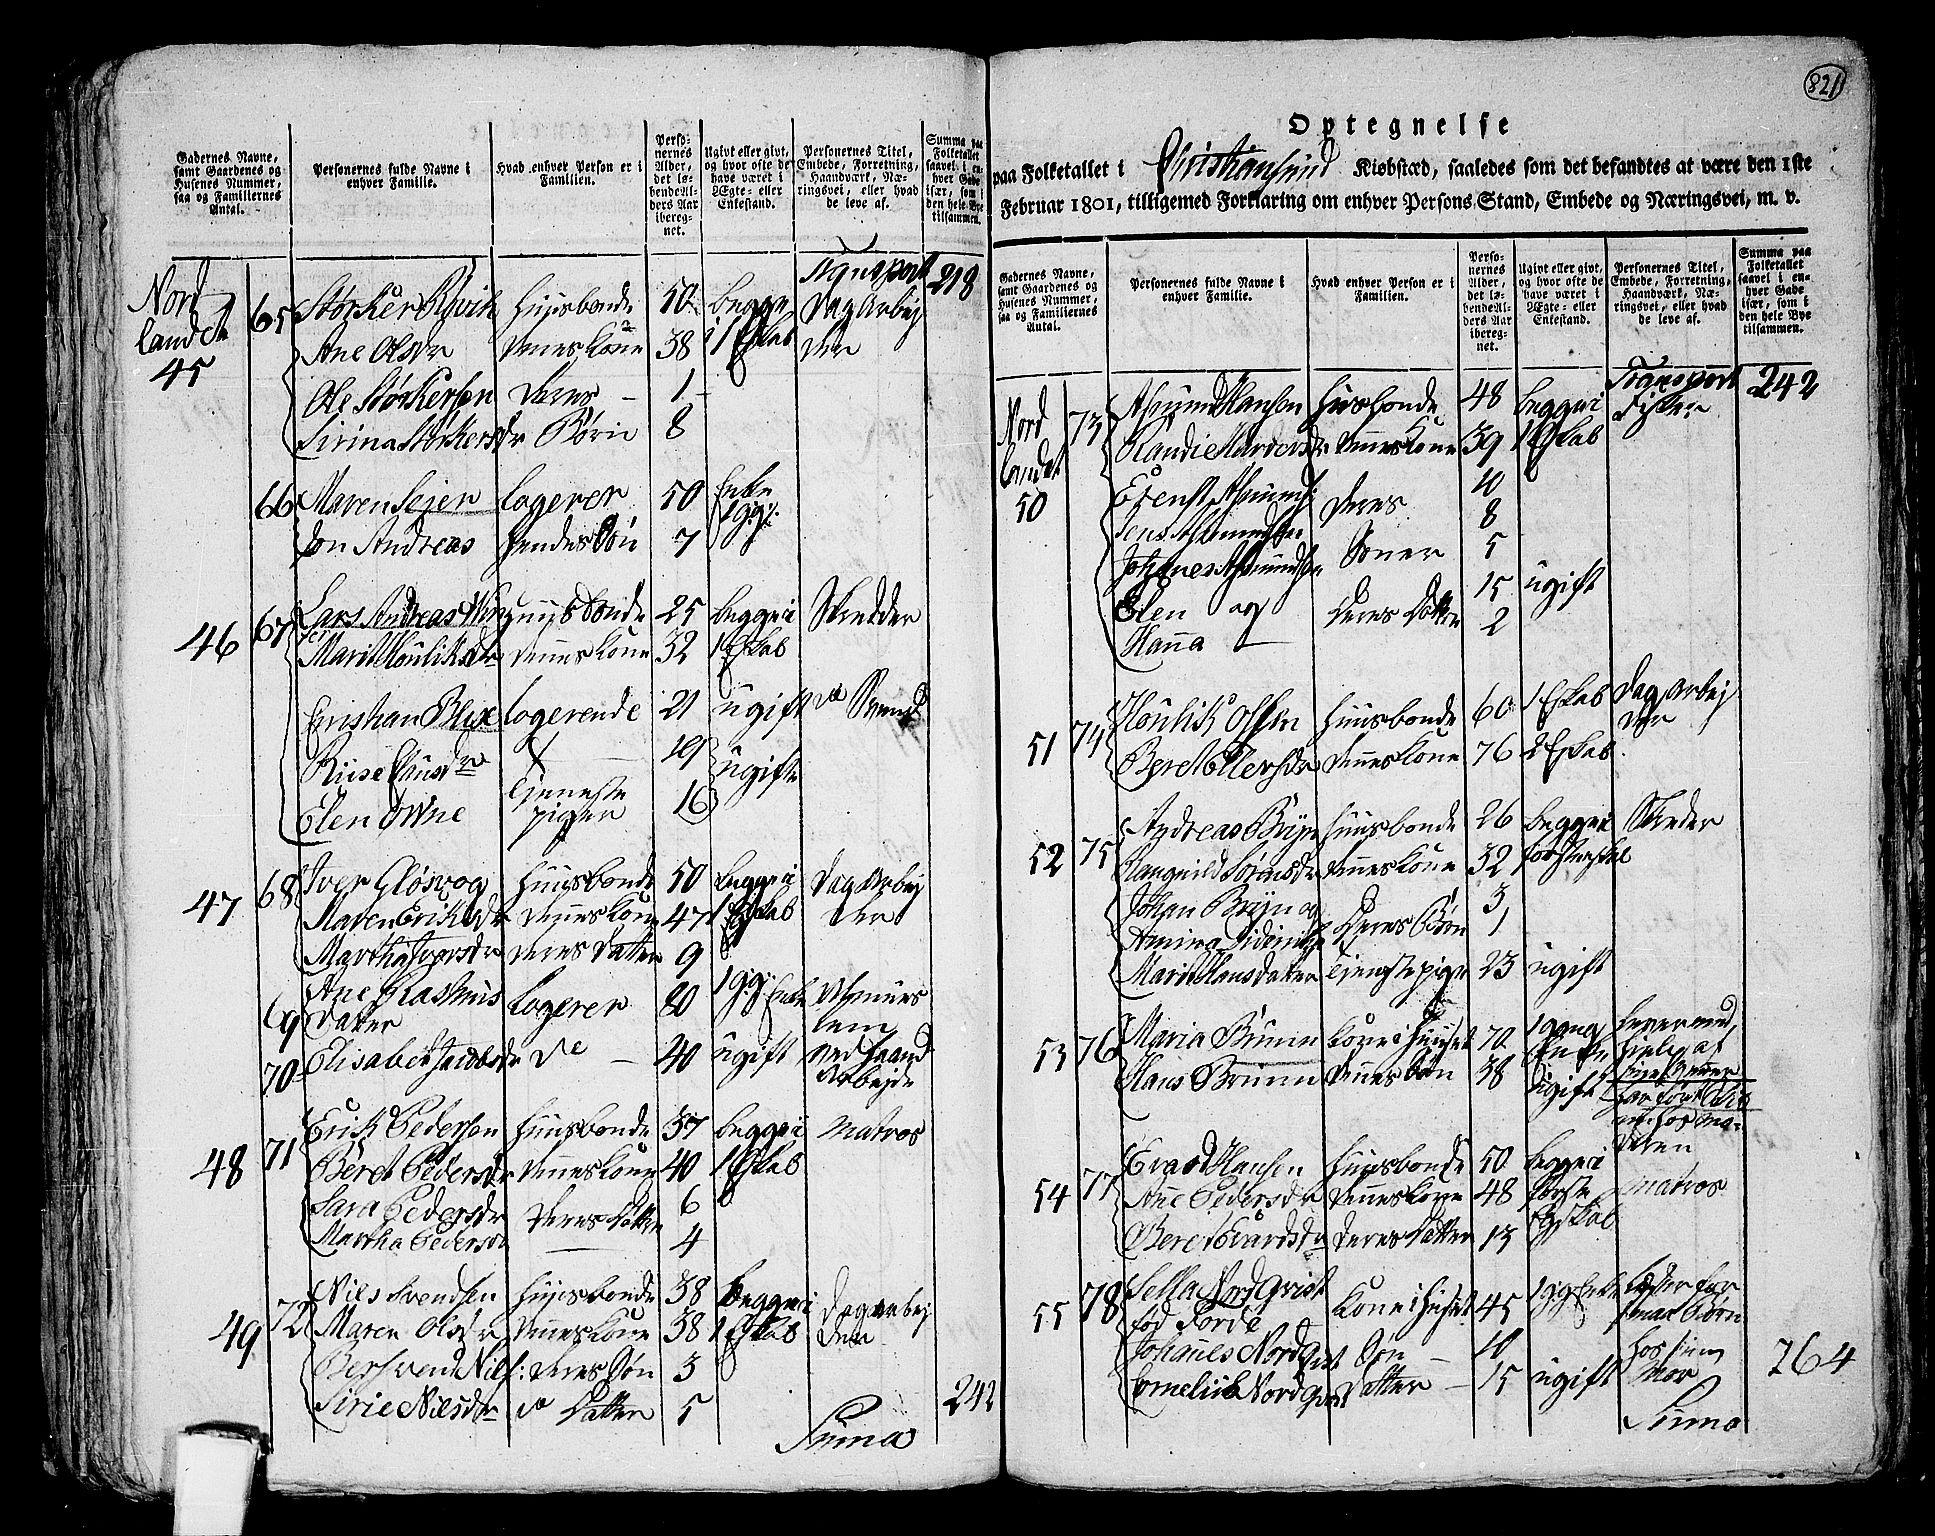 RA, Folketelling 1801 for 1553P Kvernes prestegjeld, 1801, s. 820b-821a